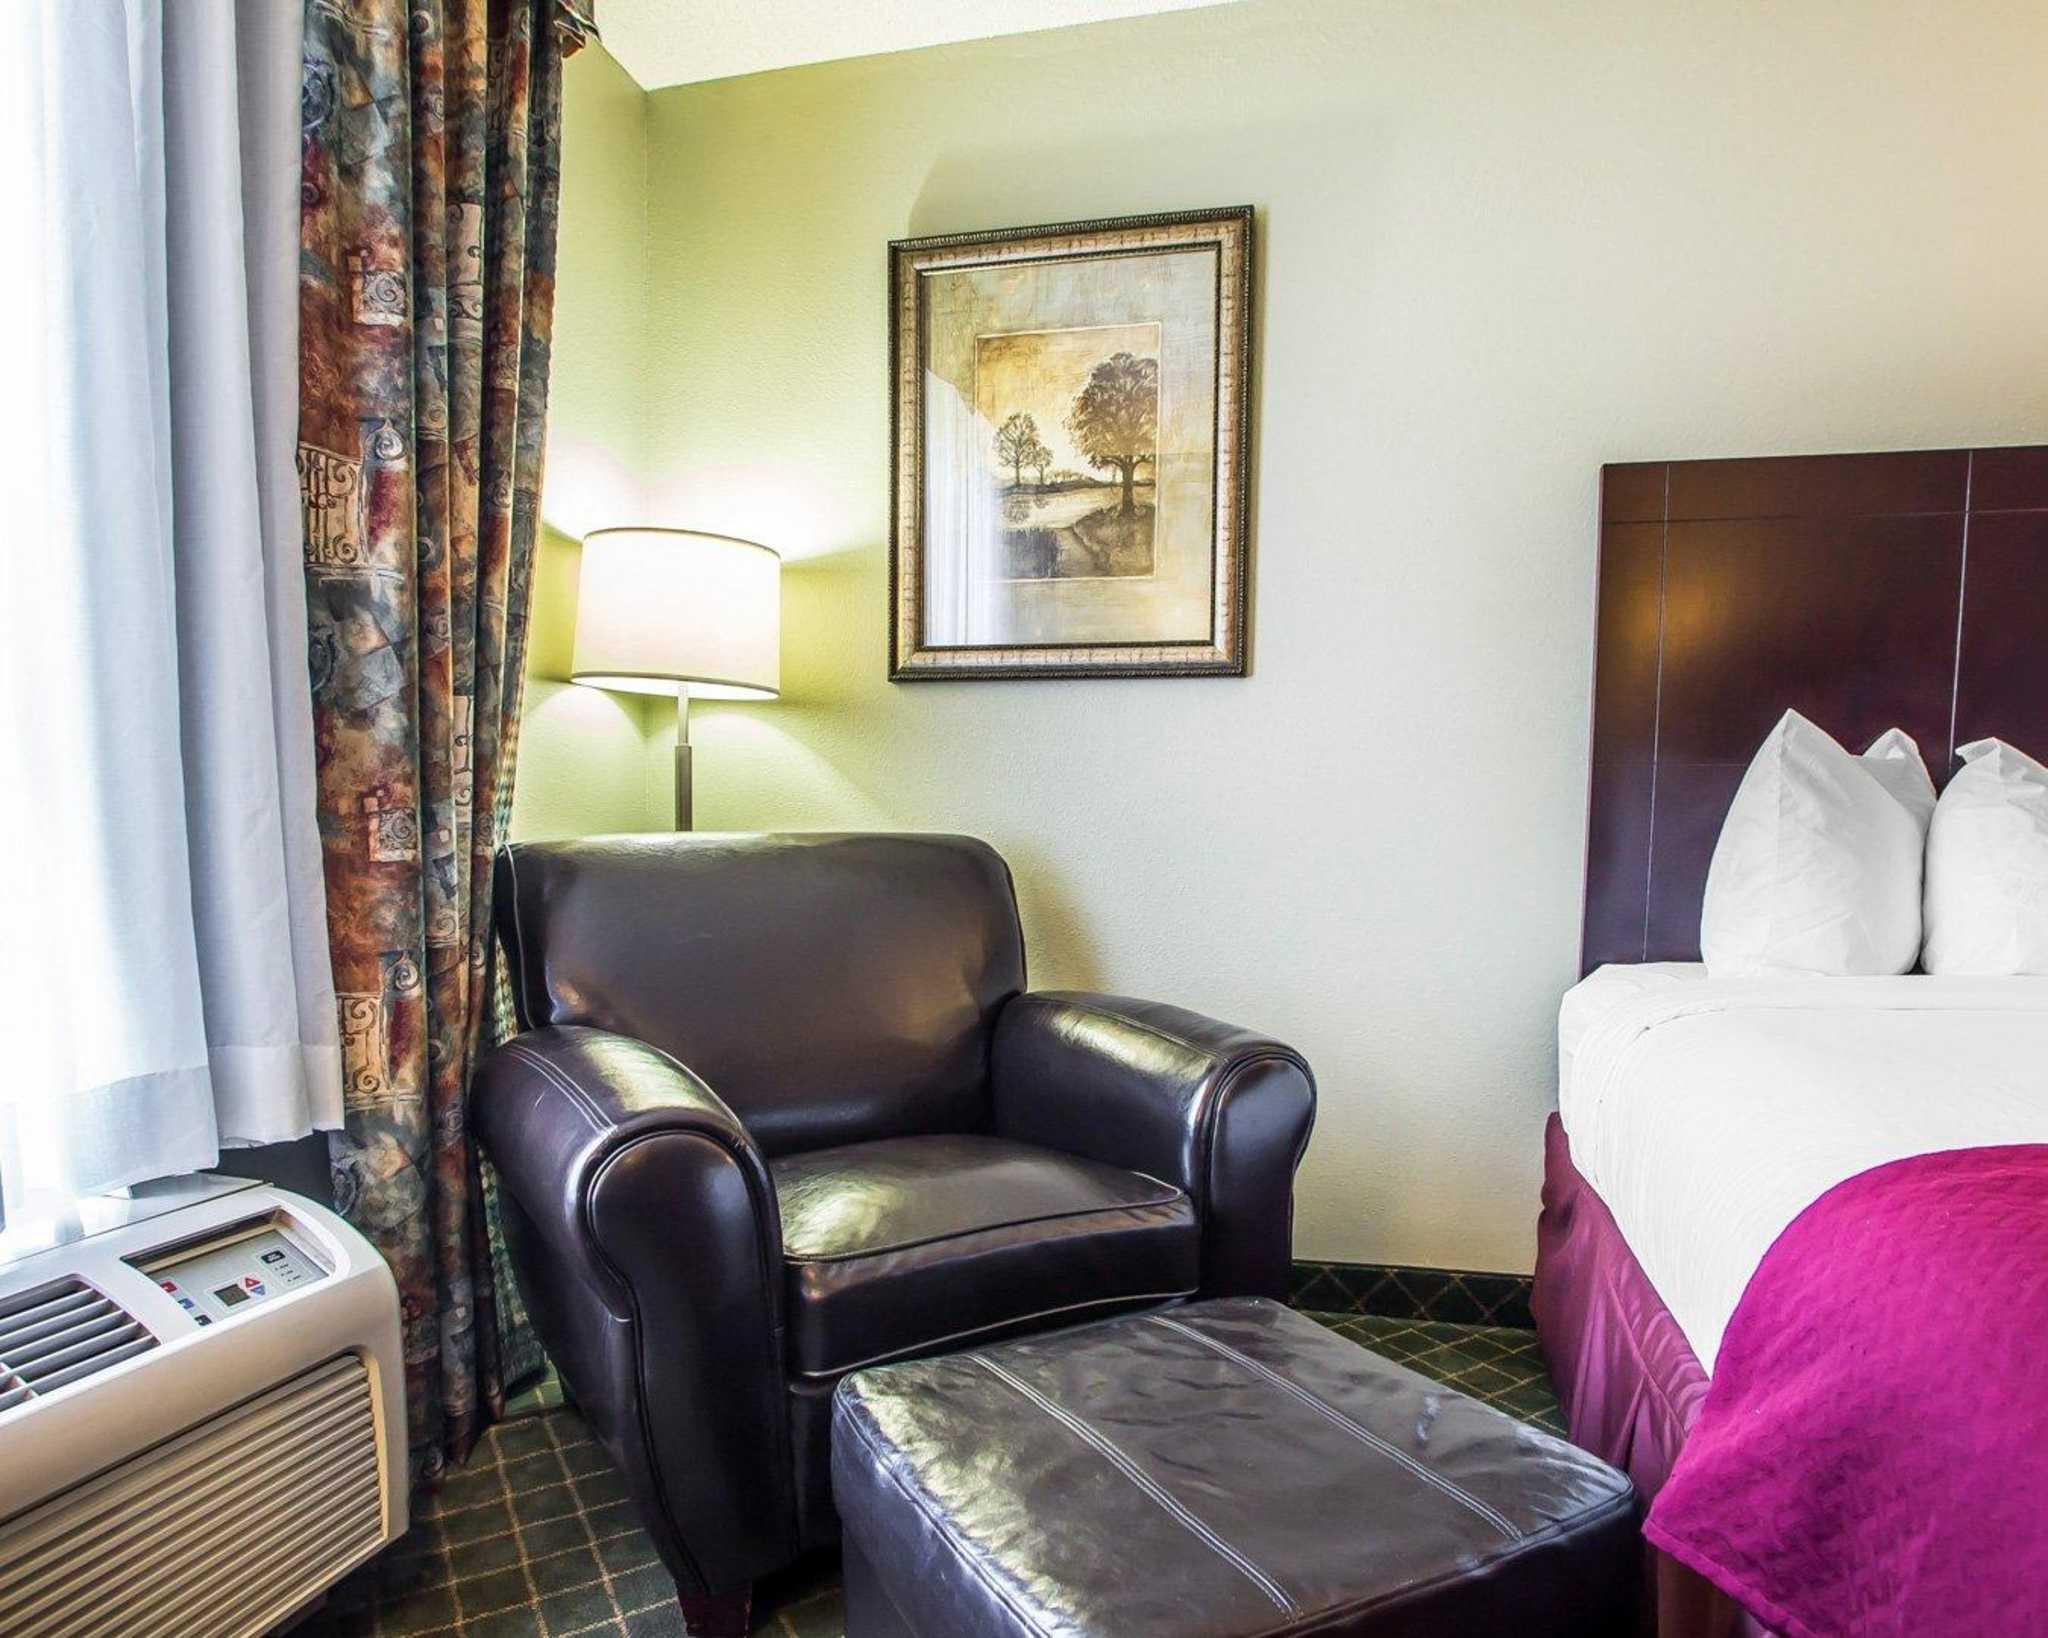 Quality Inn St. Robert - Ft. Leonard Wood image 5